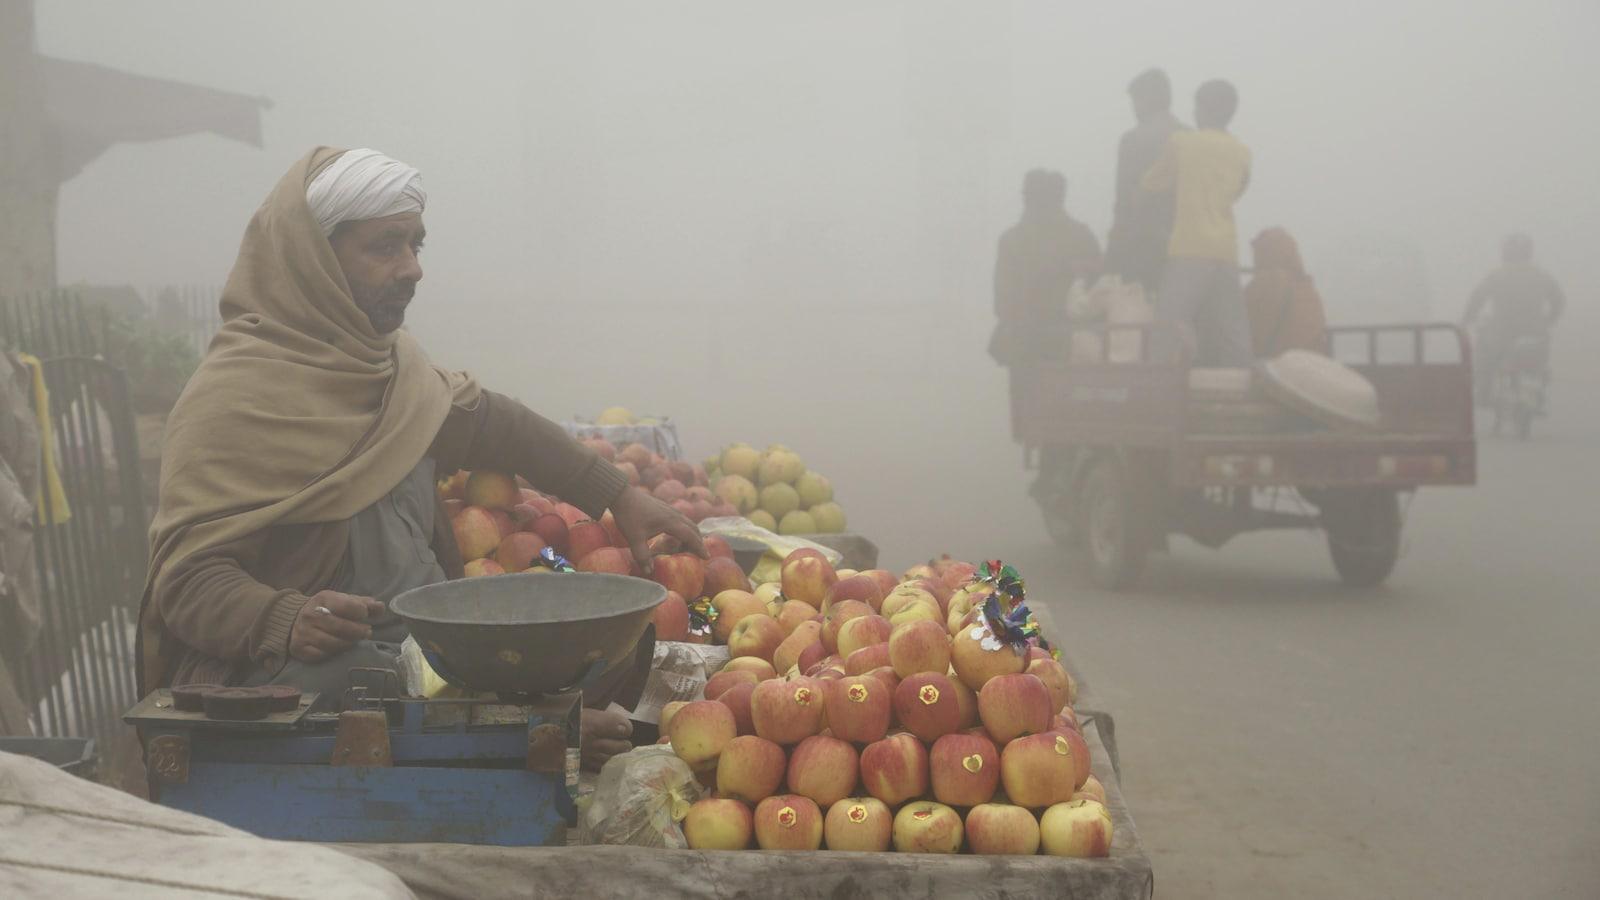 Un commerçant dans les rues de Lahore au Pakistan, où la pollution atteint des niveaux dangereux.